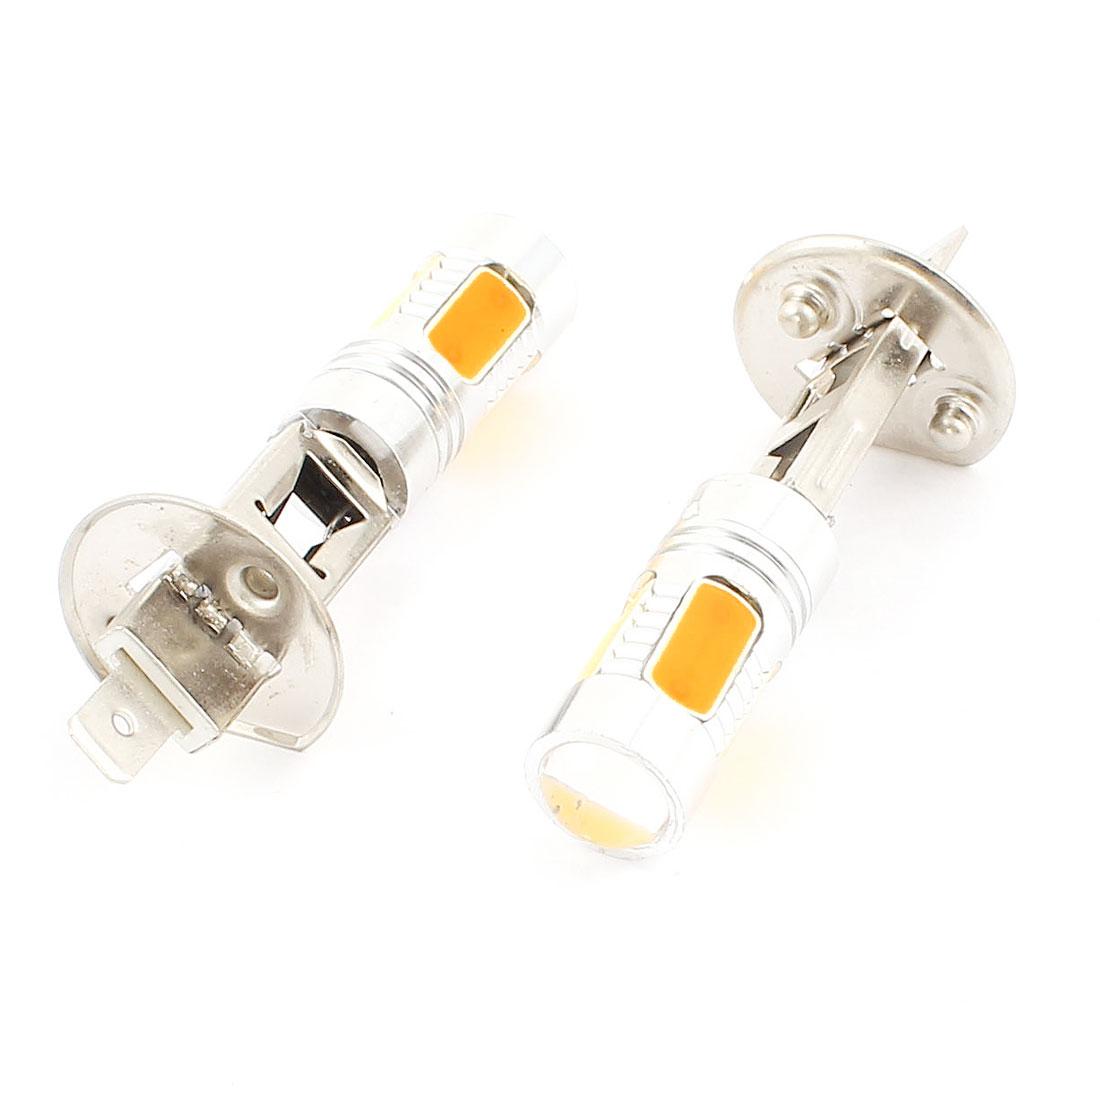 2 Pcs 5 LED COB Bulb Car Fog Driving Lamp DRL Light Yellow DC 12V